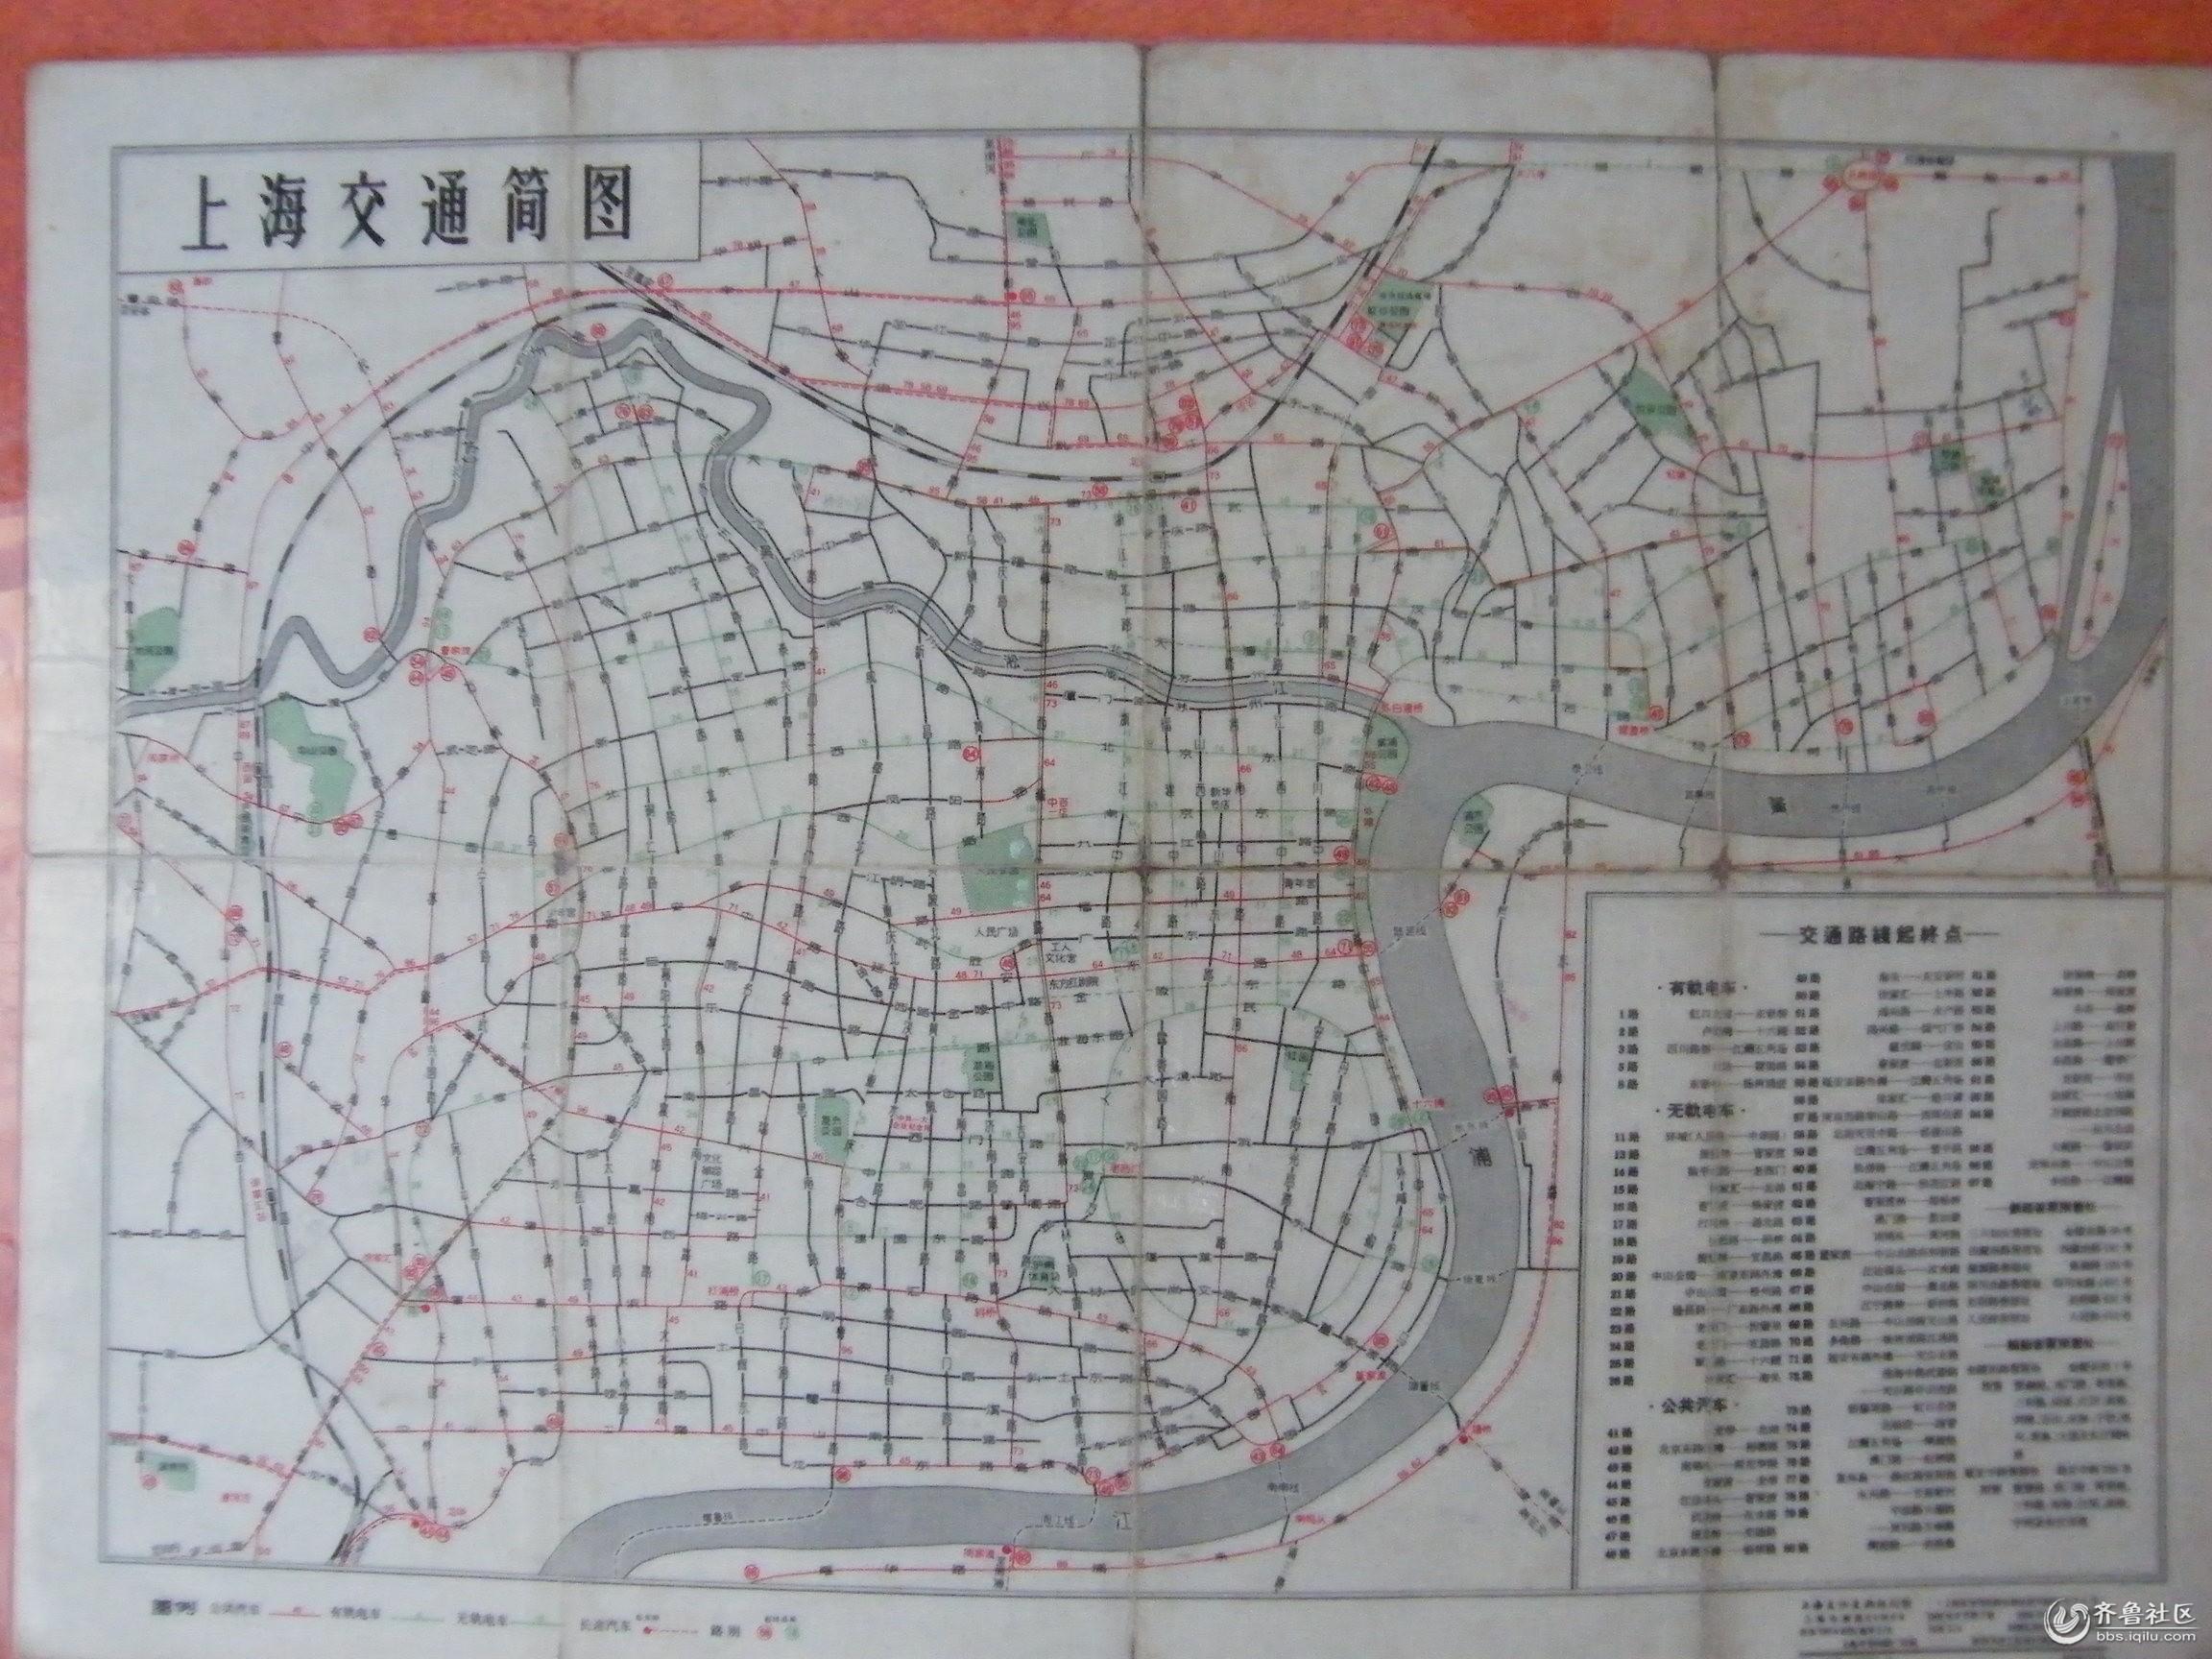 山东济宁地图全图 山东济宁地图全图大图 山东济宁市区地图全图